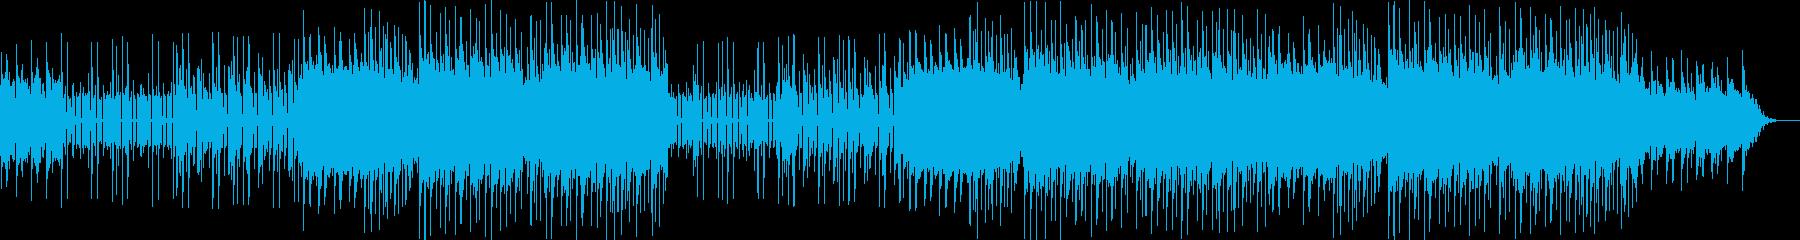 爽やかなチルアウト・トラップソウルの再生済みの波形